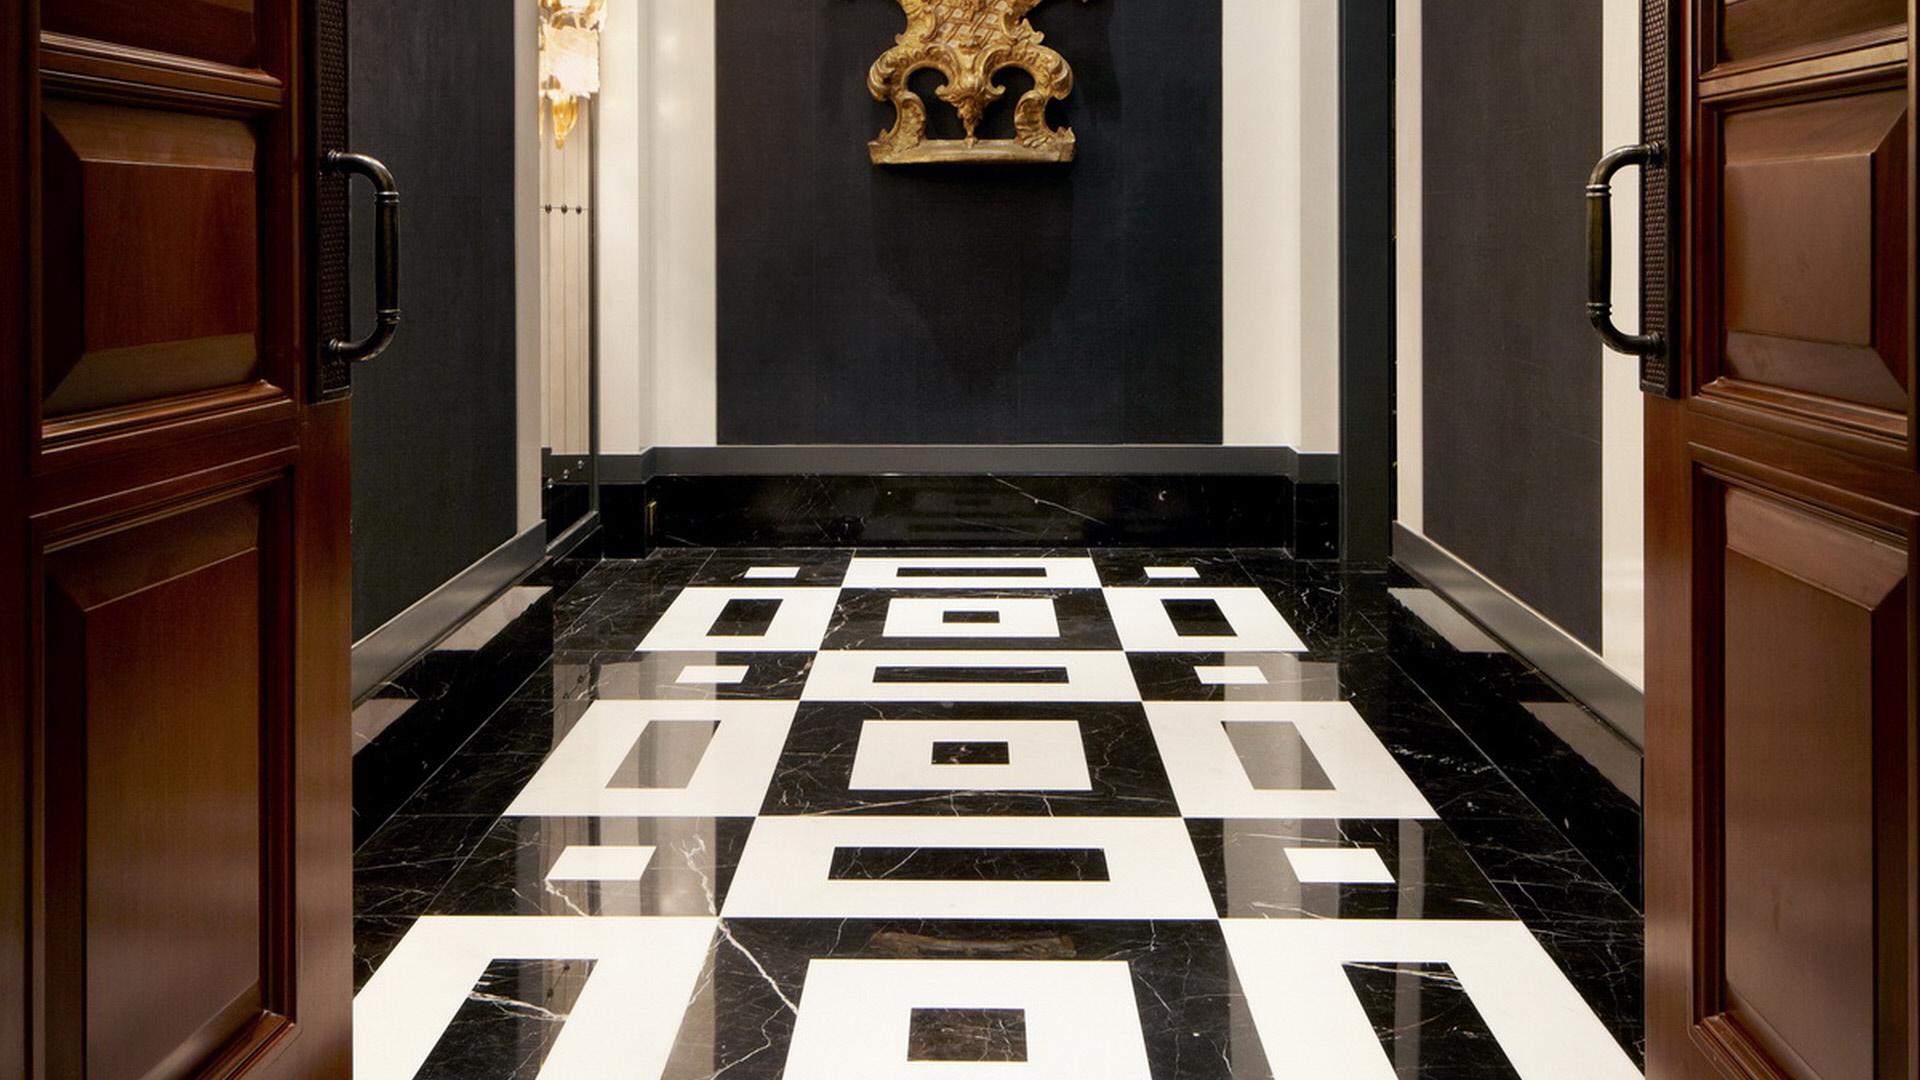 Velkoplošné dekory | Speciální výroba | Koupelny ČERO